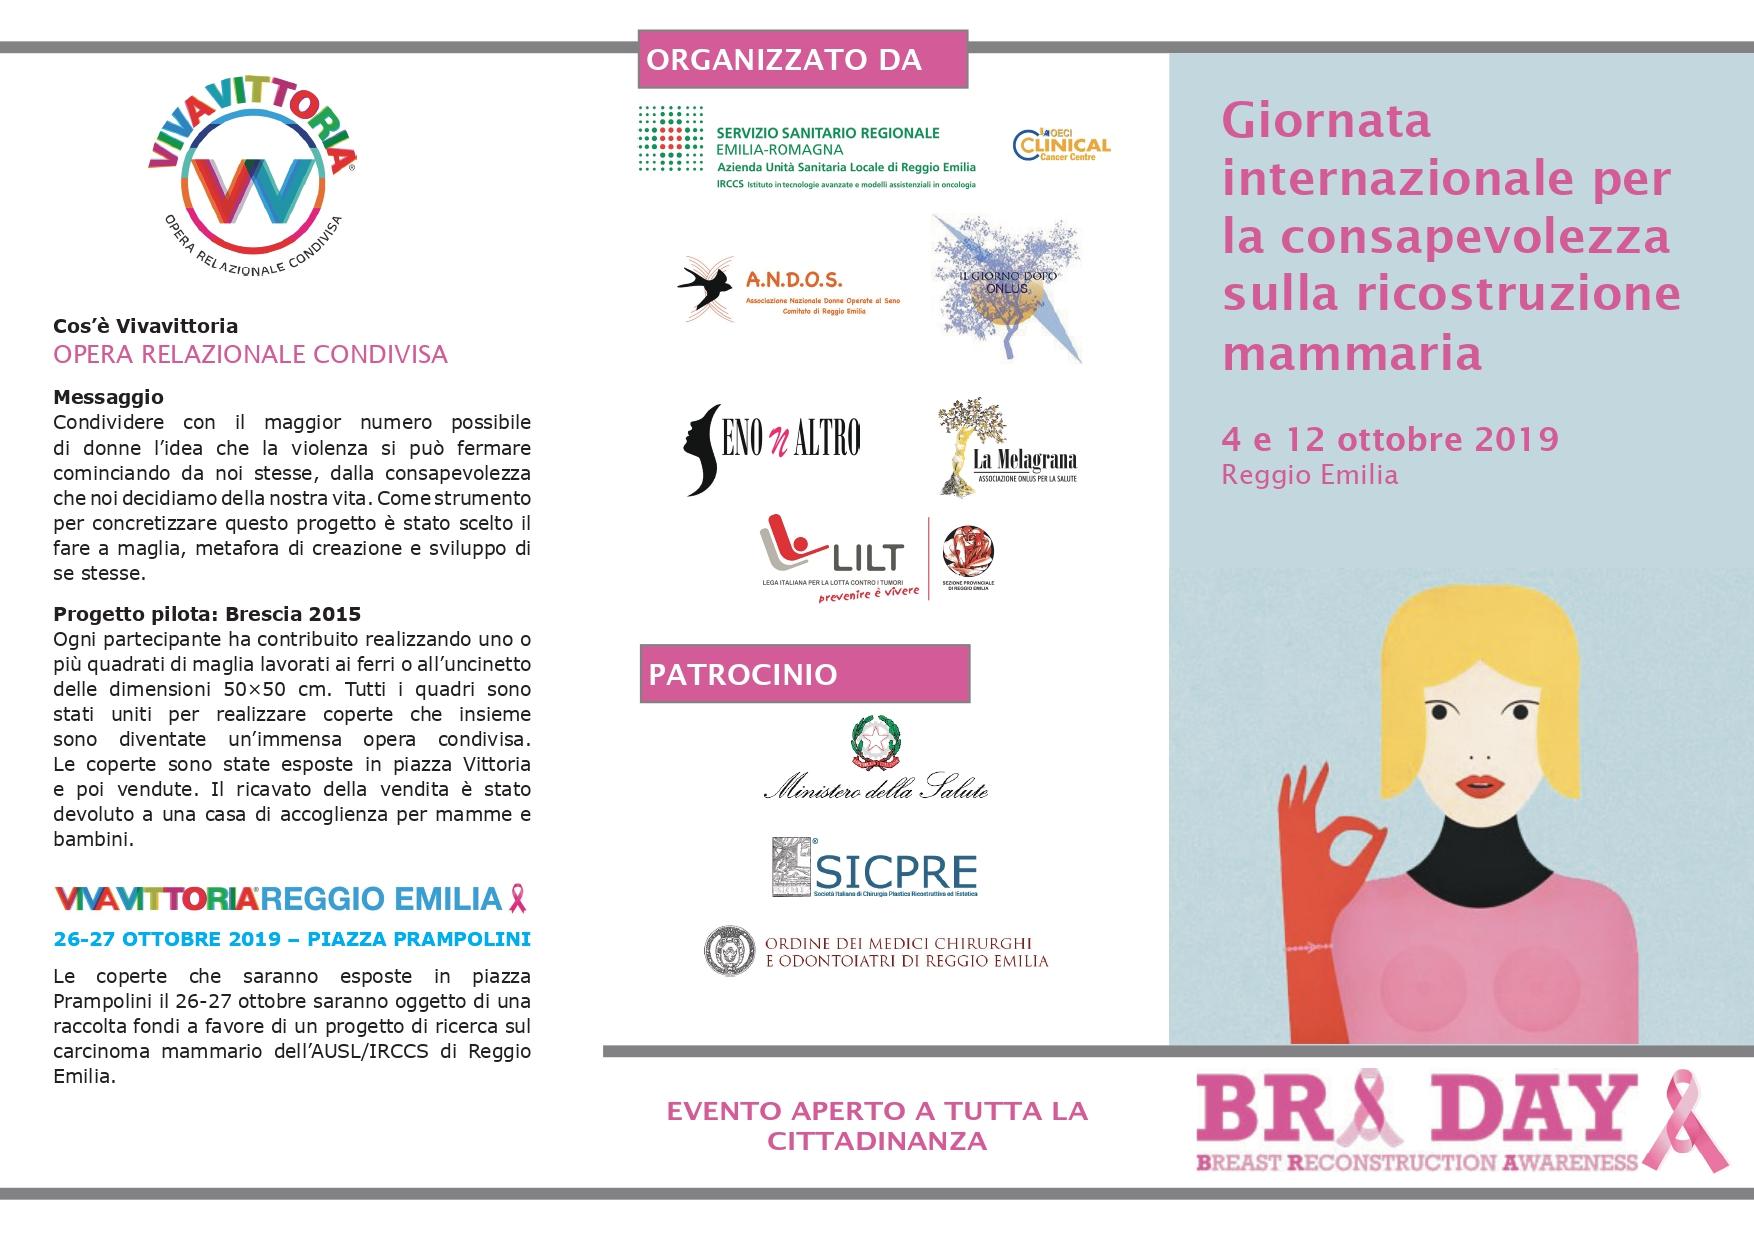 Bra_day_2019 reggio emilia_page-0001